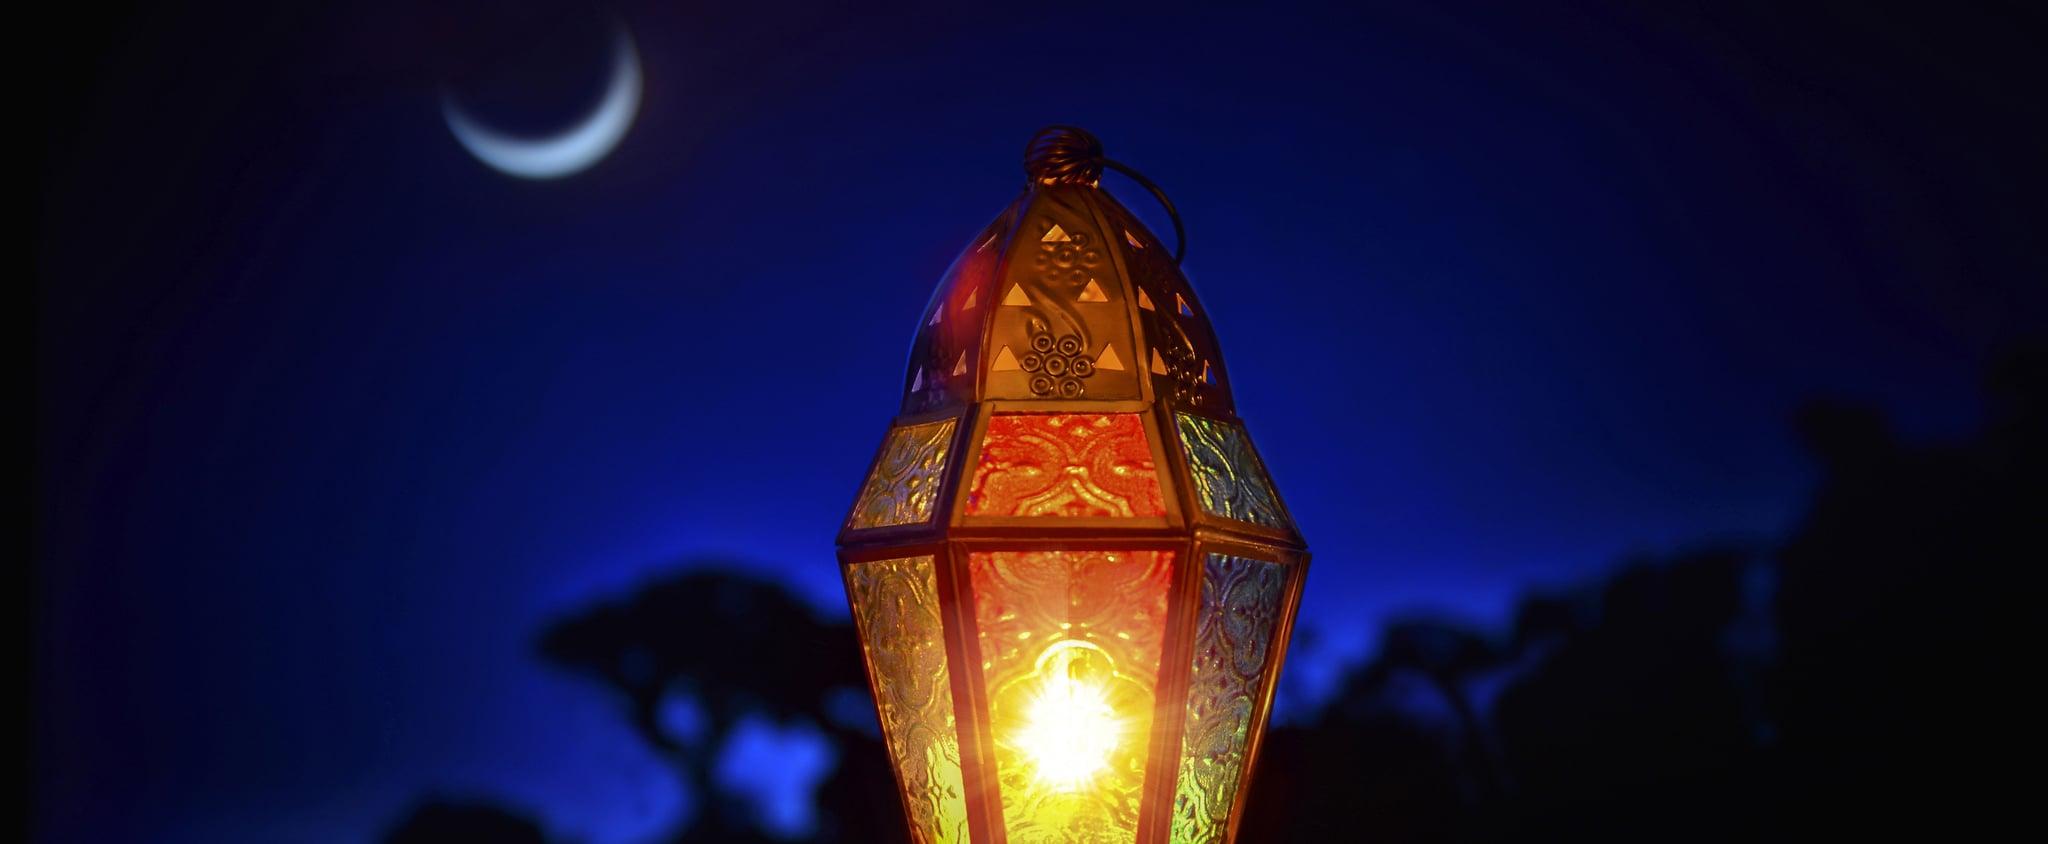 قواعد عليك اتباعها خلال شهر رمضان المبارك